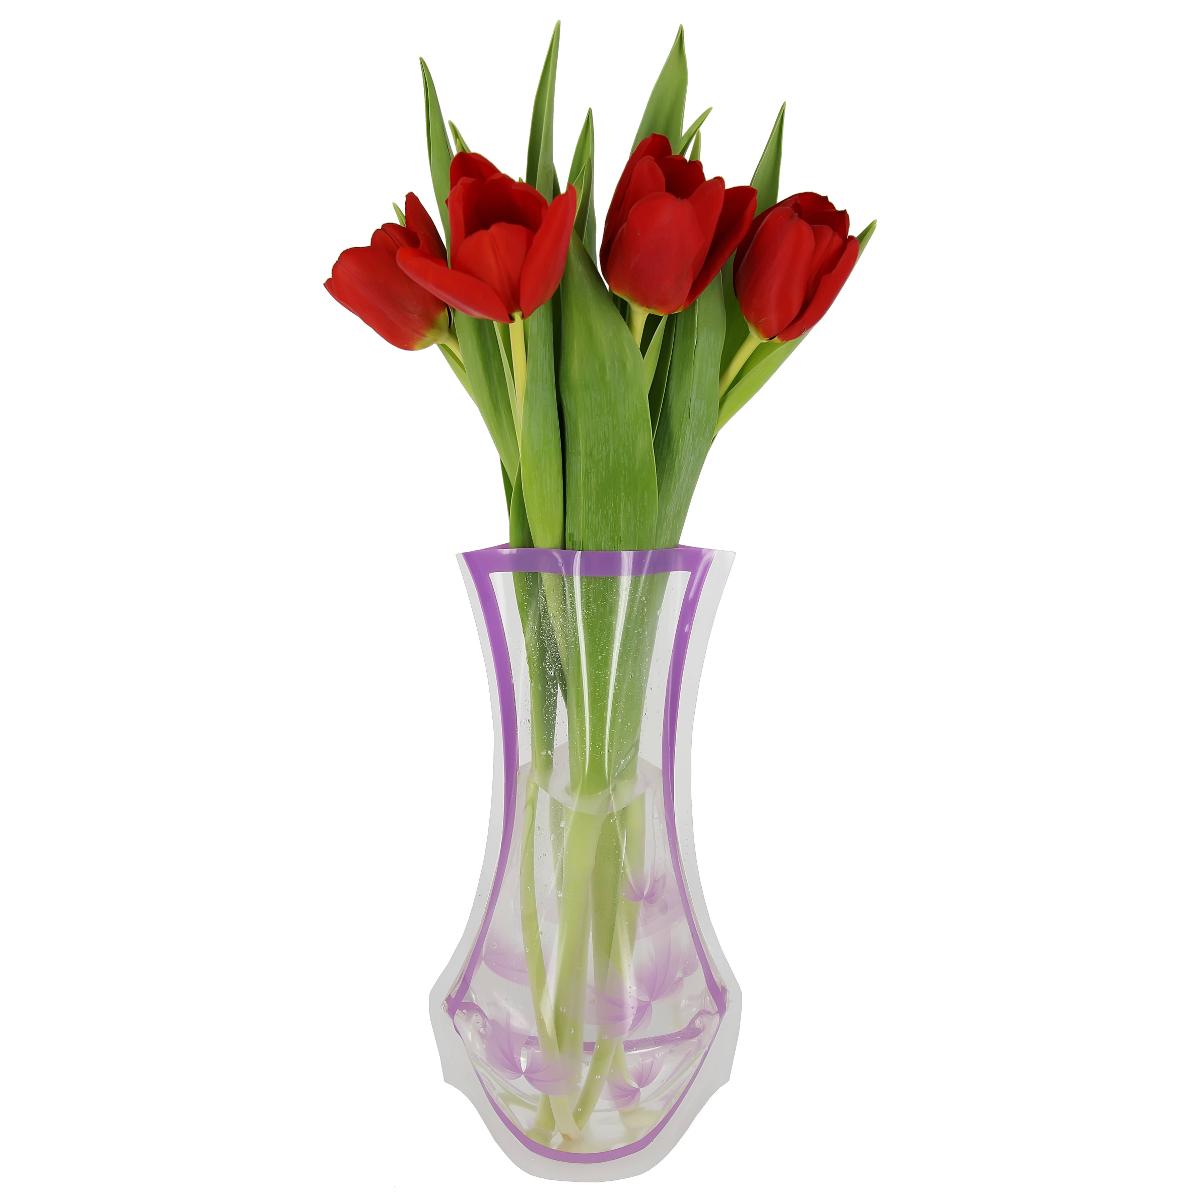 Ваза МастерПроф Фиолетовые лепестки, пластичная, 1,2 лHS.040025Пластичная ваза Фиолетовые лепестки легко складывается, удобно хранится - занимает мало места, долго служит. Всегда пригодится дома, в офисе, на даче, для оформления различных мероприятий. Отлично подойдет для перевозки цветов, или просто в подарок.Инструкция: 1. Наполните вазу теплой водой;2. Дно и стенки расправятся;3. Вылейте воду;4. Наполните вазу холодной водой;5. Вставьте цветы.Меры предосторожности:Хранить вдали от источников тепла и яркого солнечного света. С осторожностью применять для растений с длинными стеблями и с крупными соцветиями, что бы избежать опрокидывания вазы.